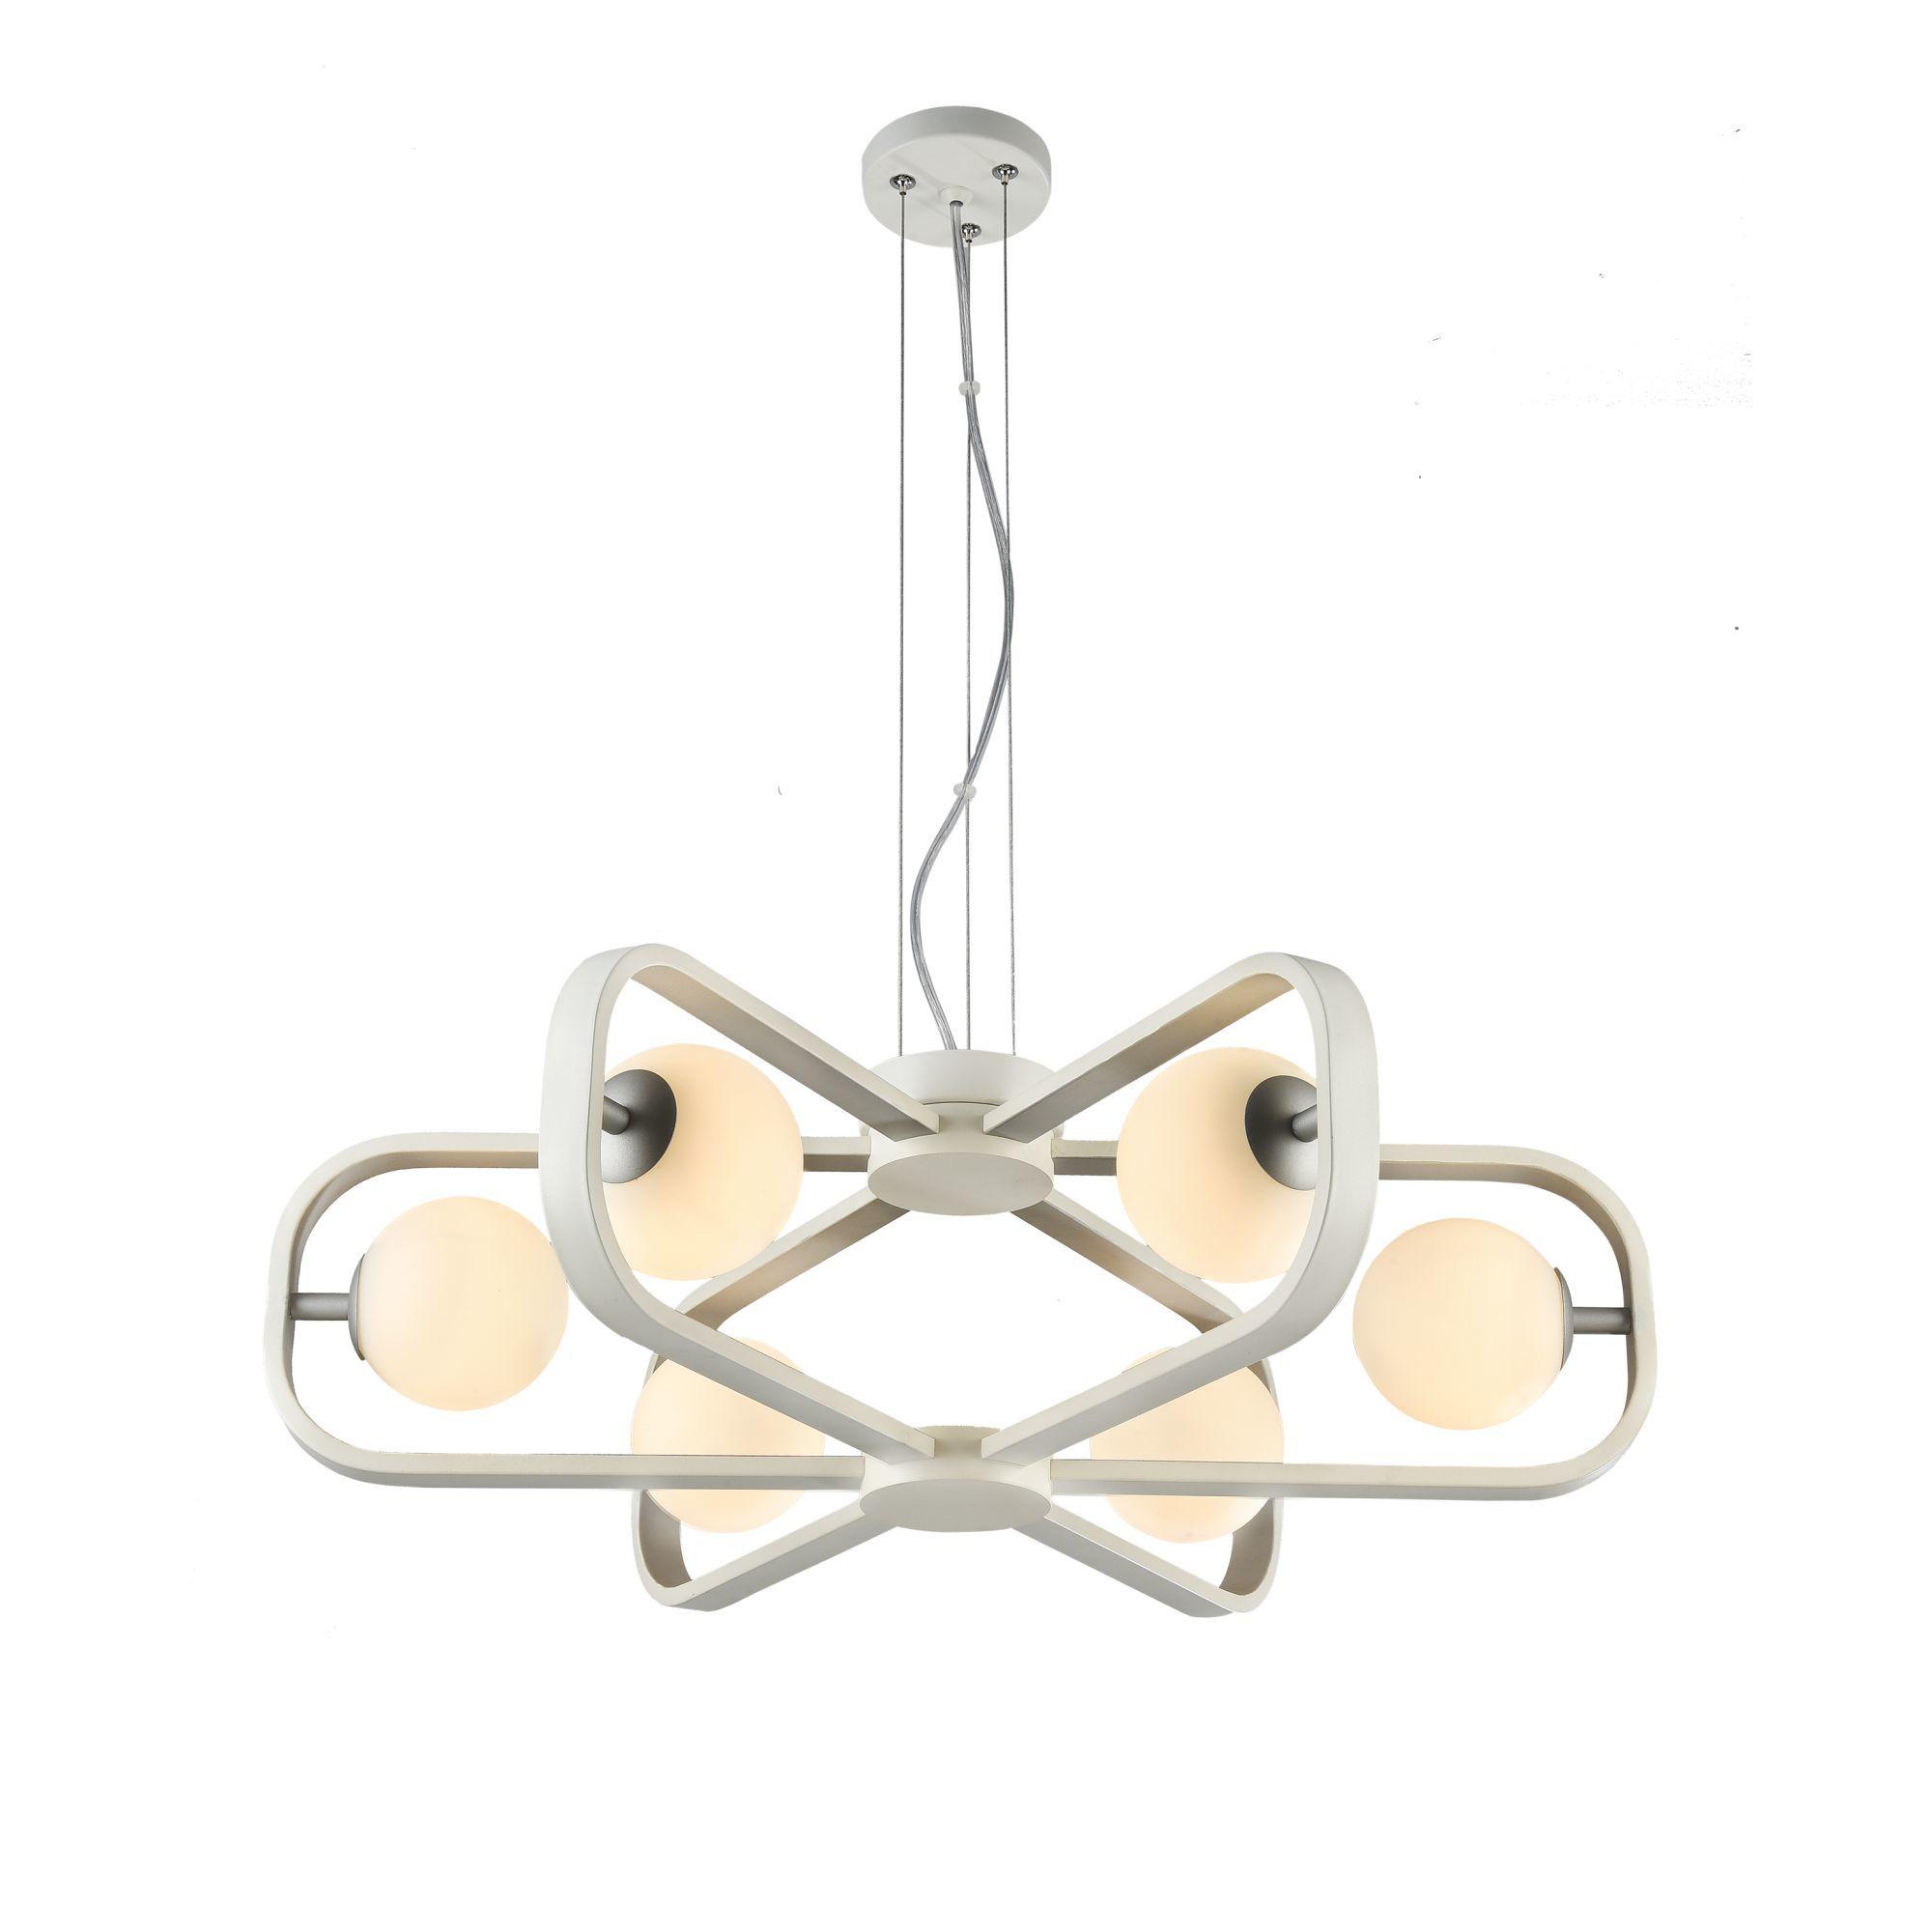 Подвесная люстра Maytoni Avola MOD431-PL-06-WS, 6xG9x40W, белый, серебро, металл, стекло - фото 2